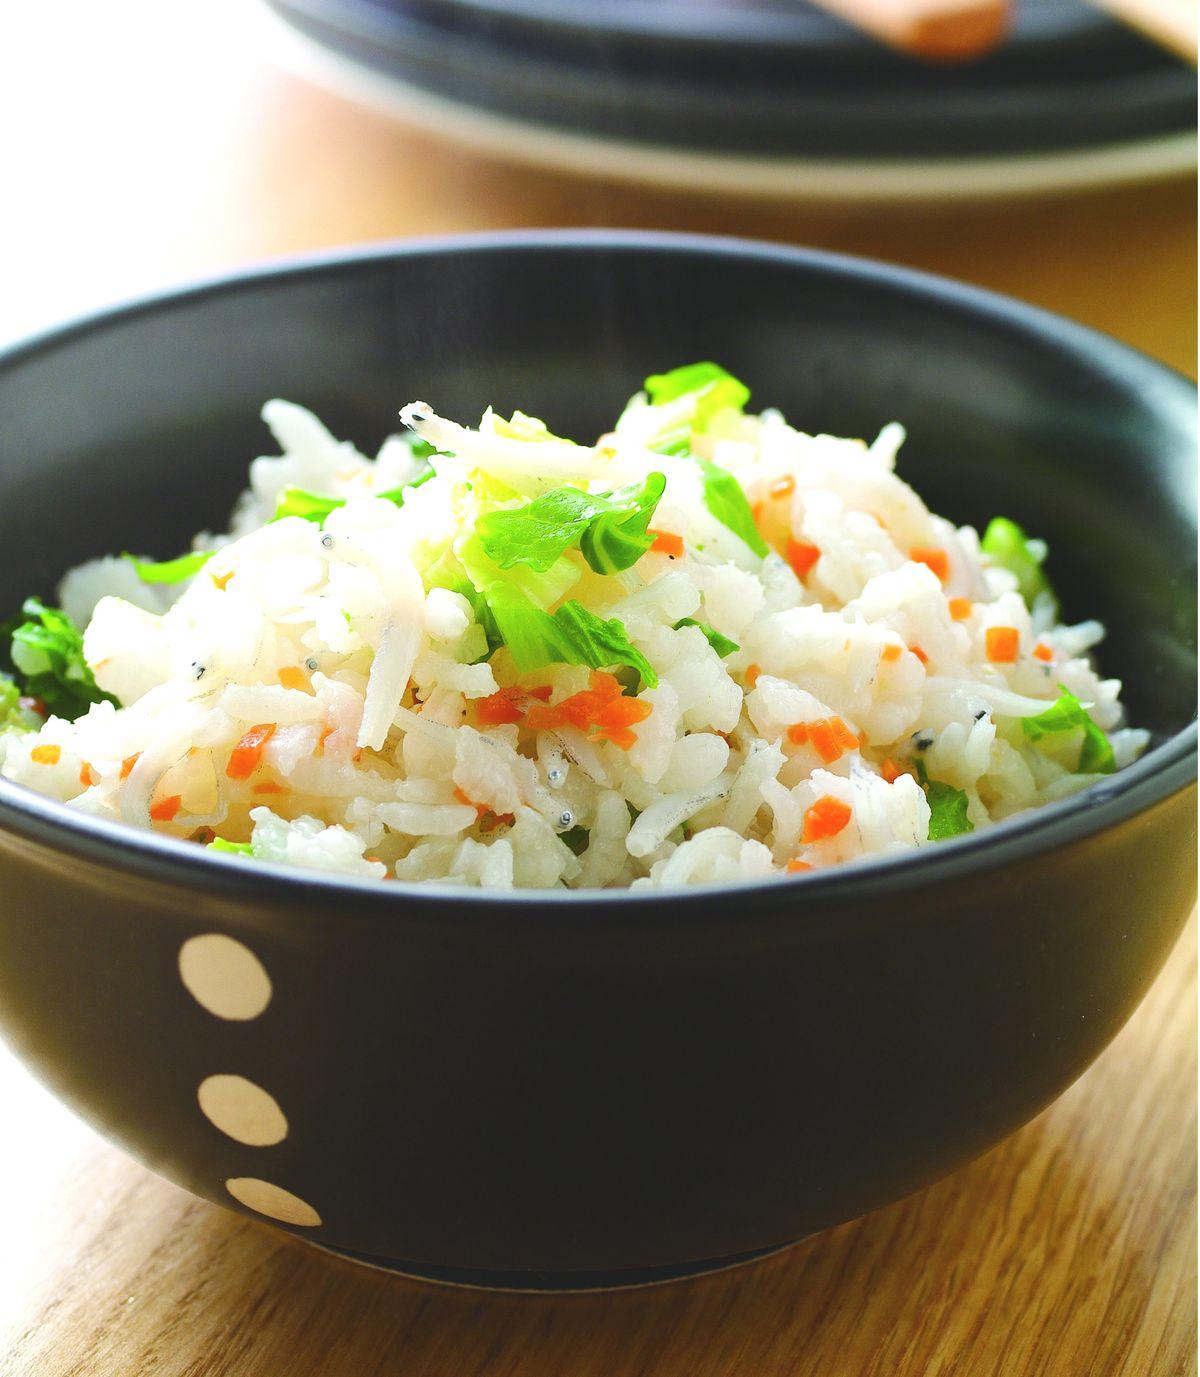 食譜:紅蘿蔔吻魚菜飯